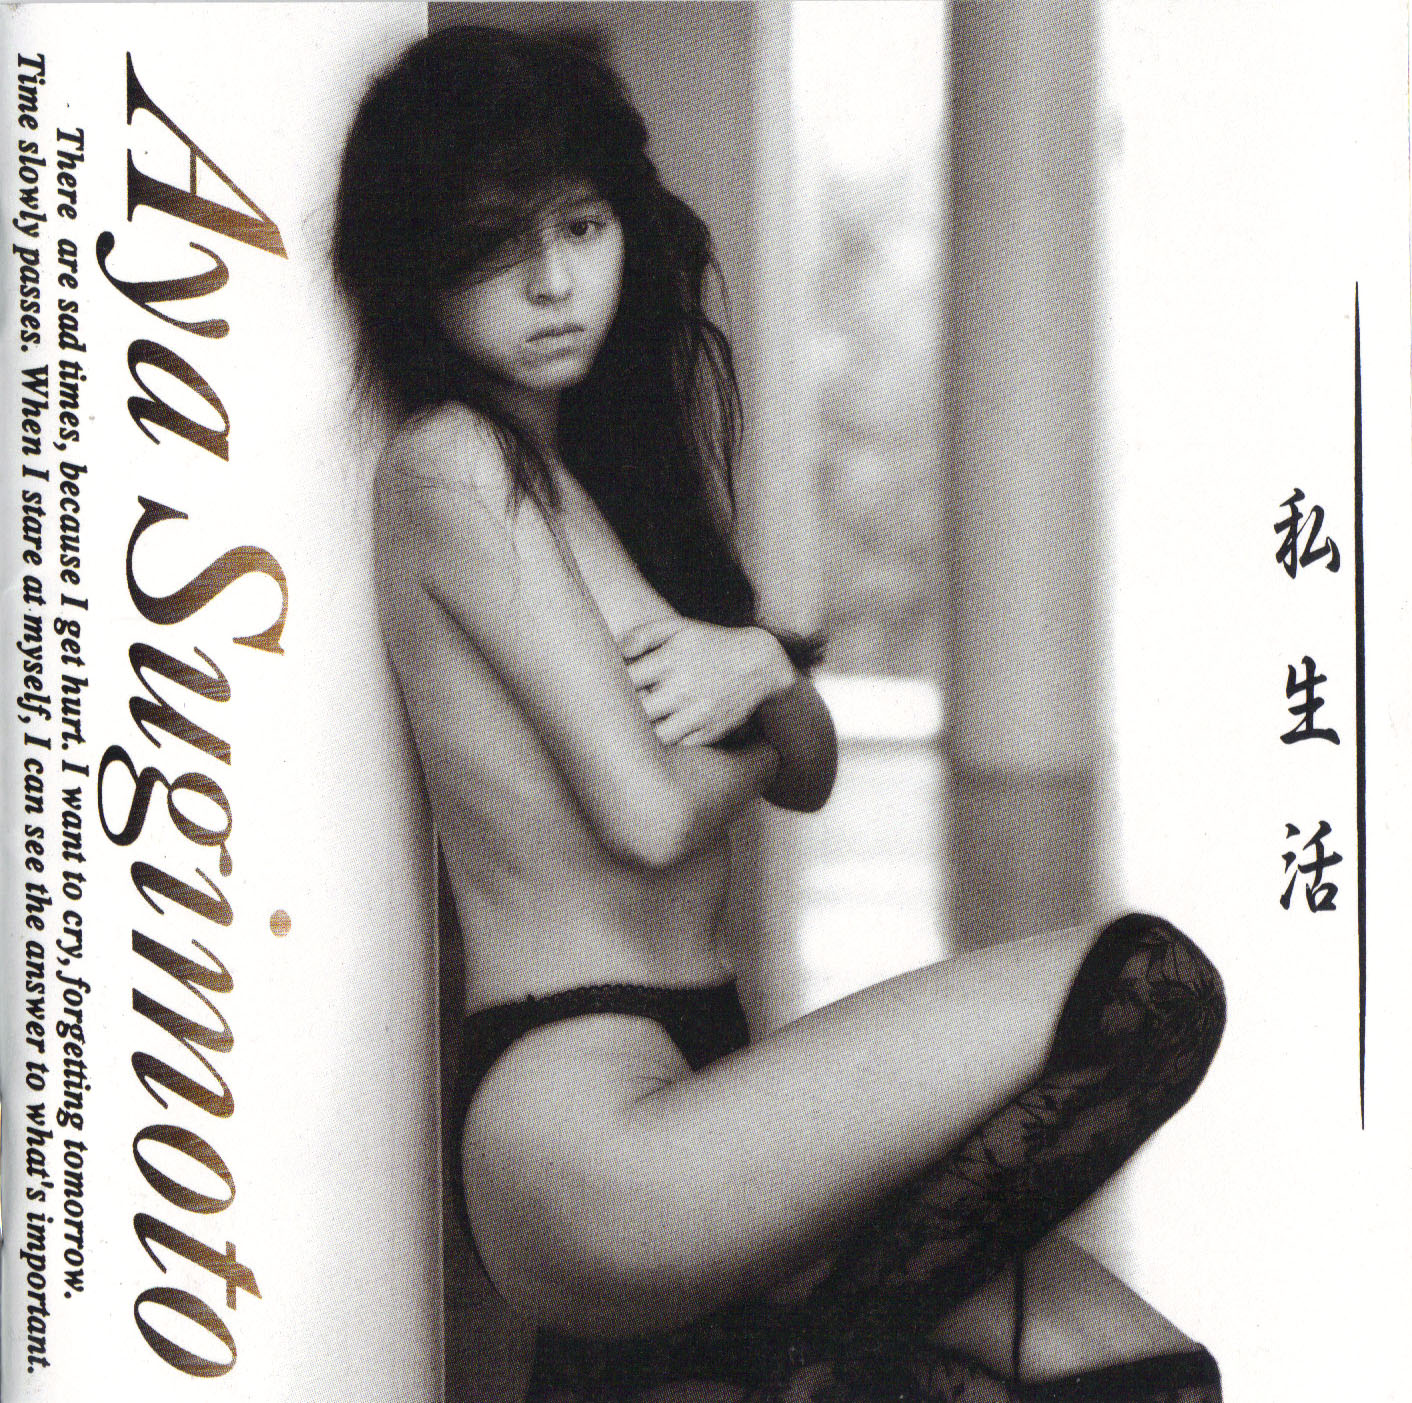 20151118.02 Aya Sugimoto - Shiseikatsu (1991) cover.jpg